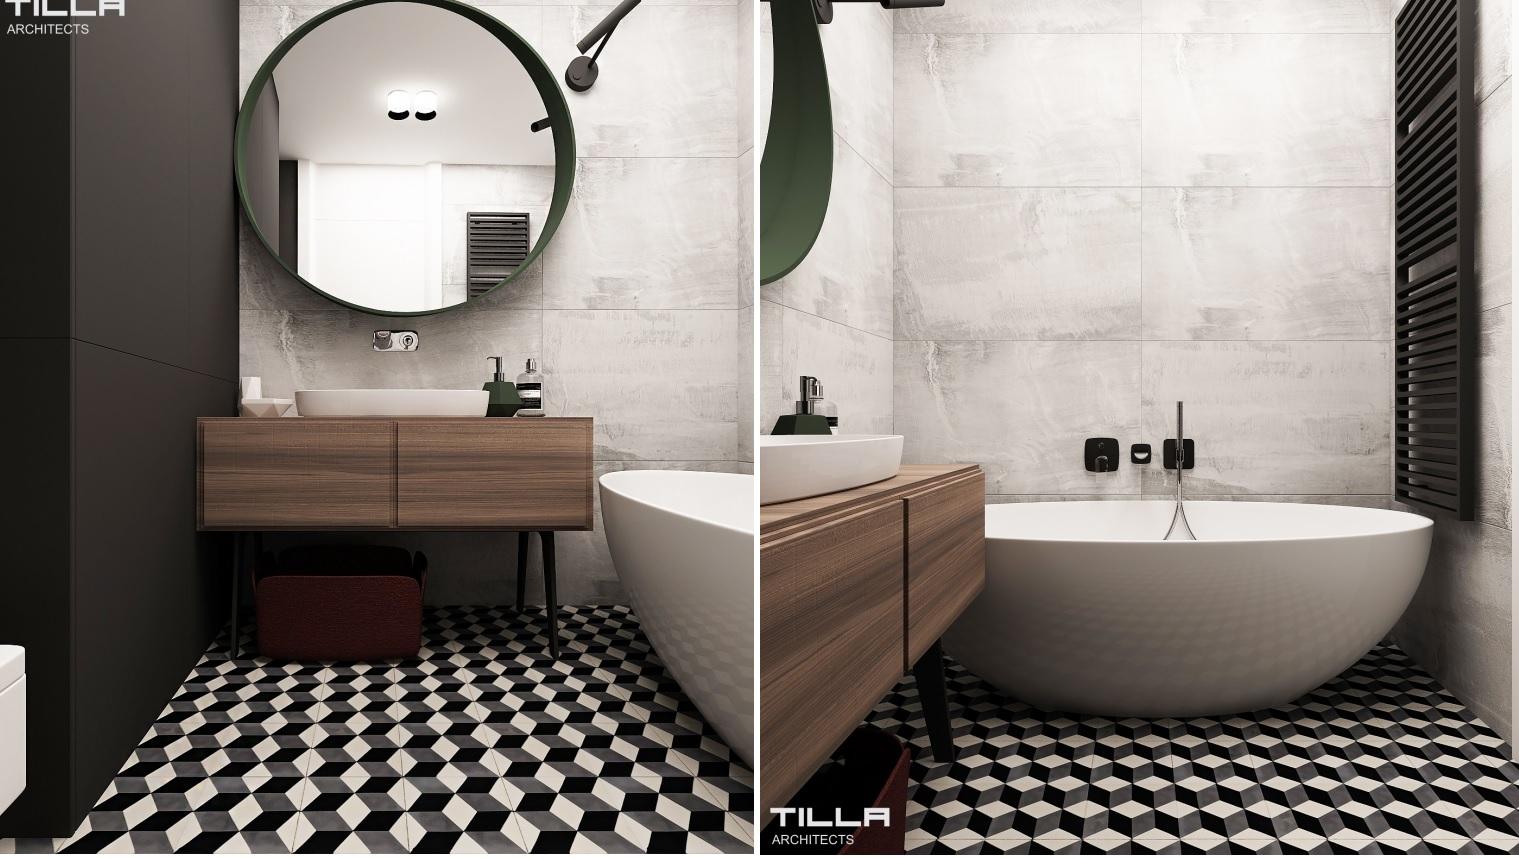 Projekt łazienki Tilla Architect